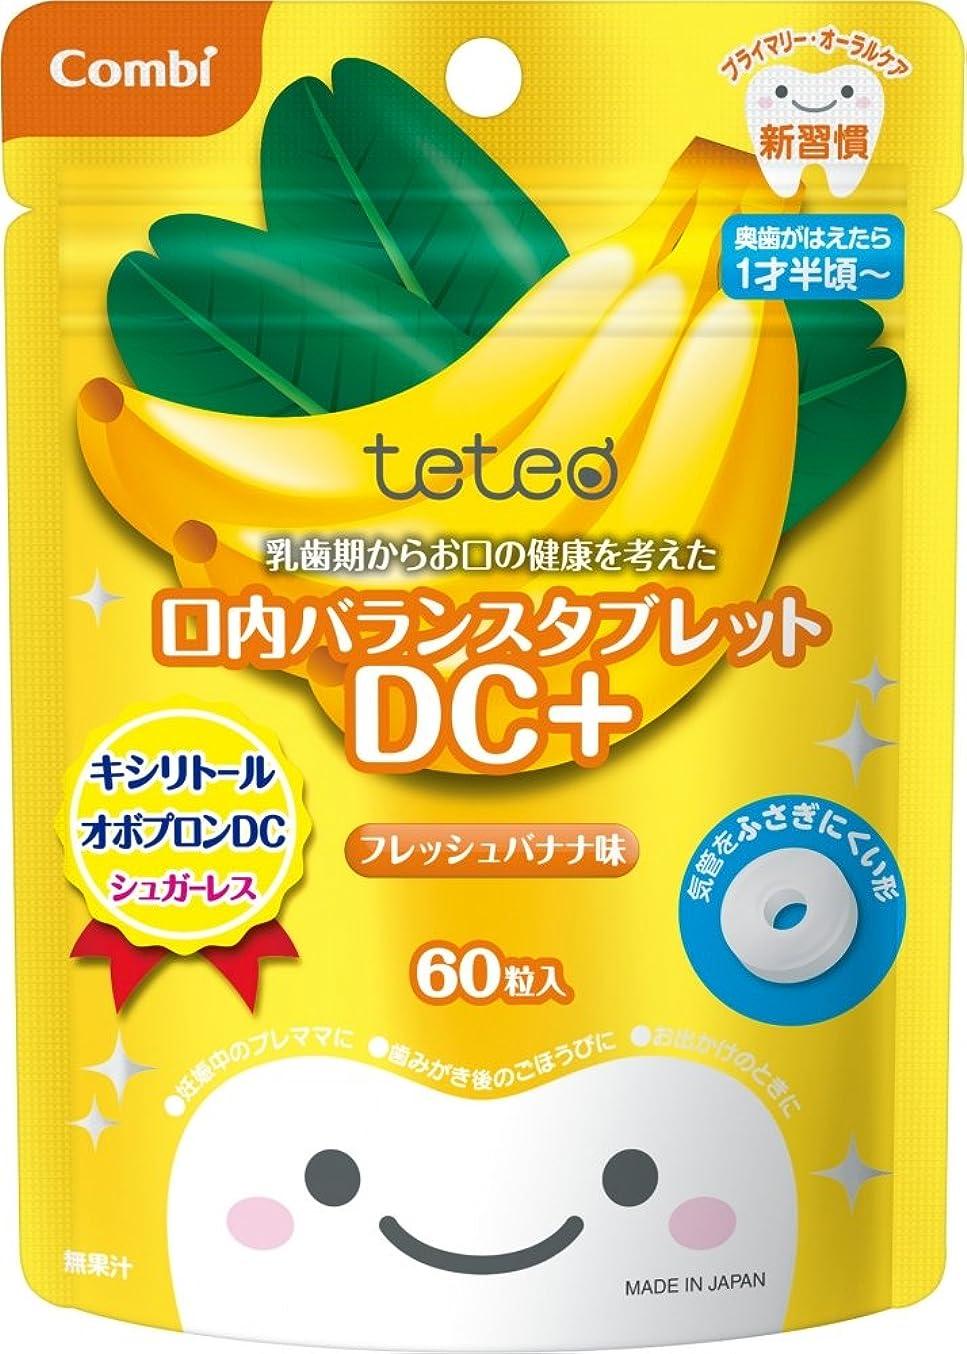 最初巧みな罰するコンビ テテオ 乳歯期からお口の健康を考えた口内バランスタブレット DC+ フレッシュバナナ味 60粒 【対象月齢:1才半頃~】